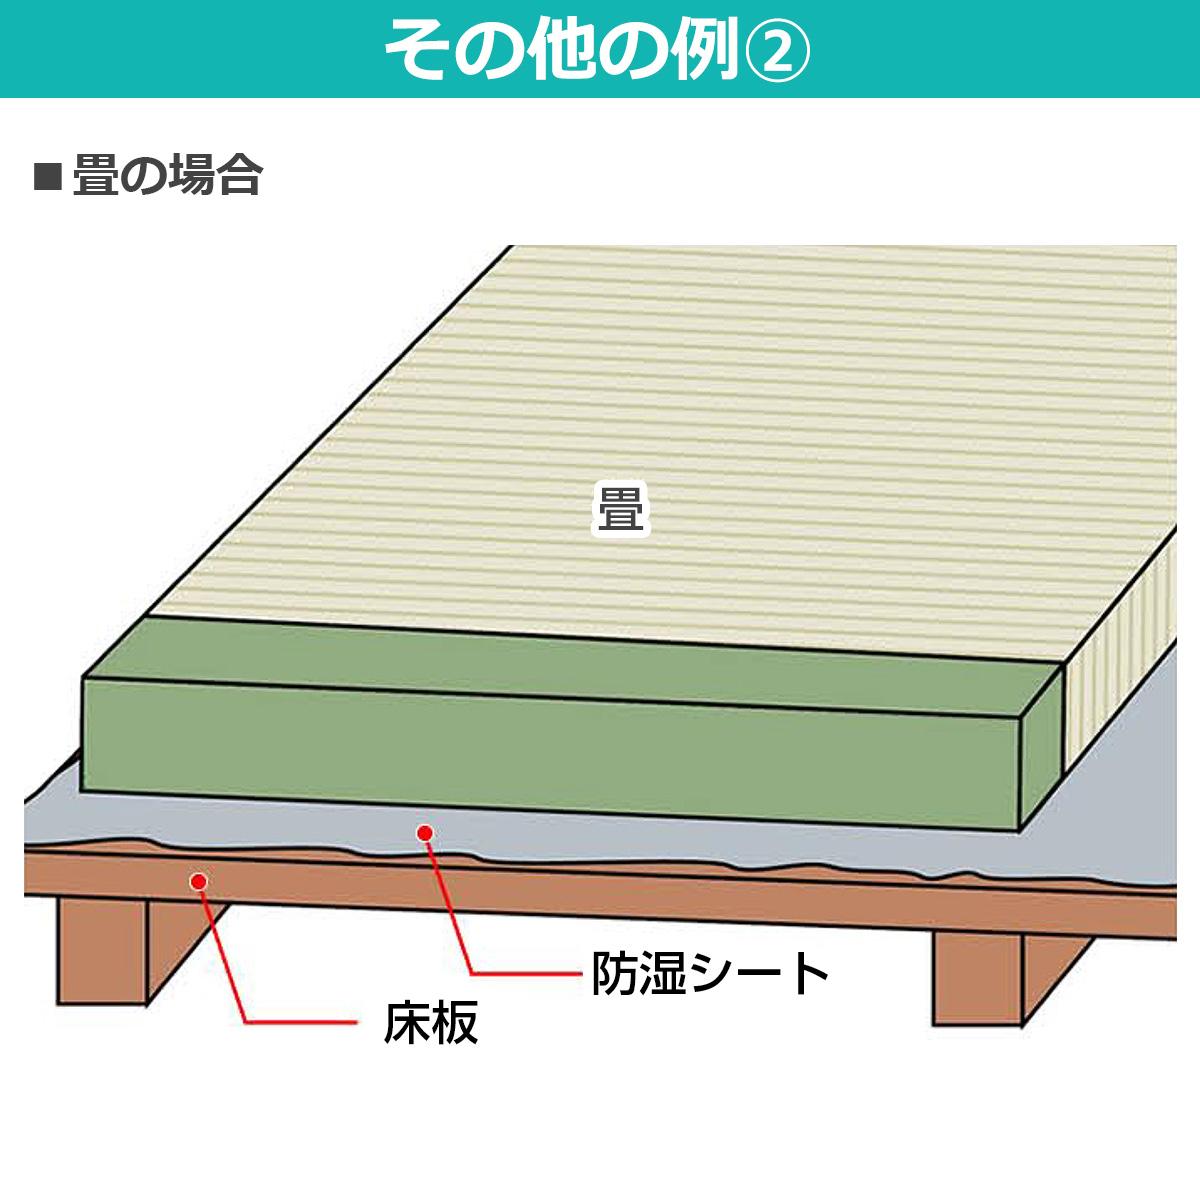 その他の例2 畳の場合